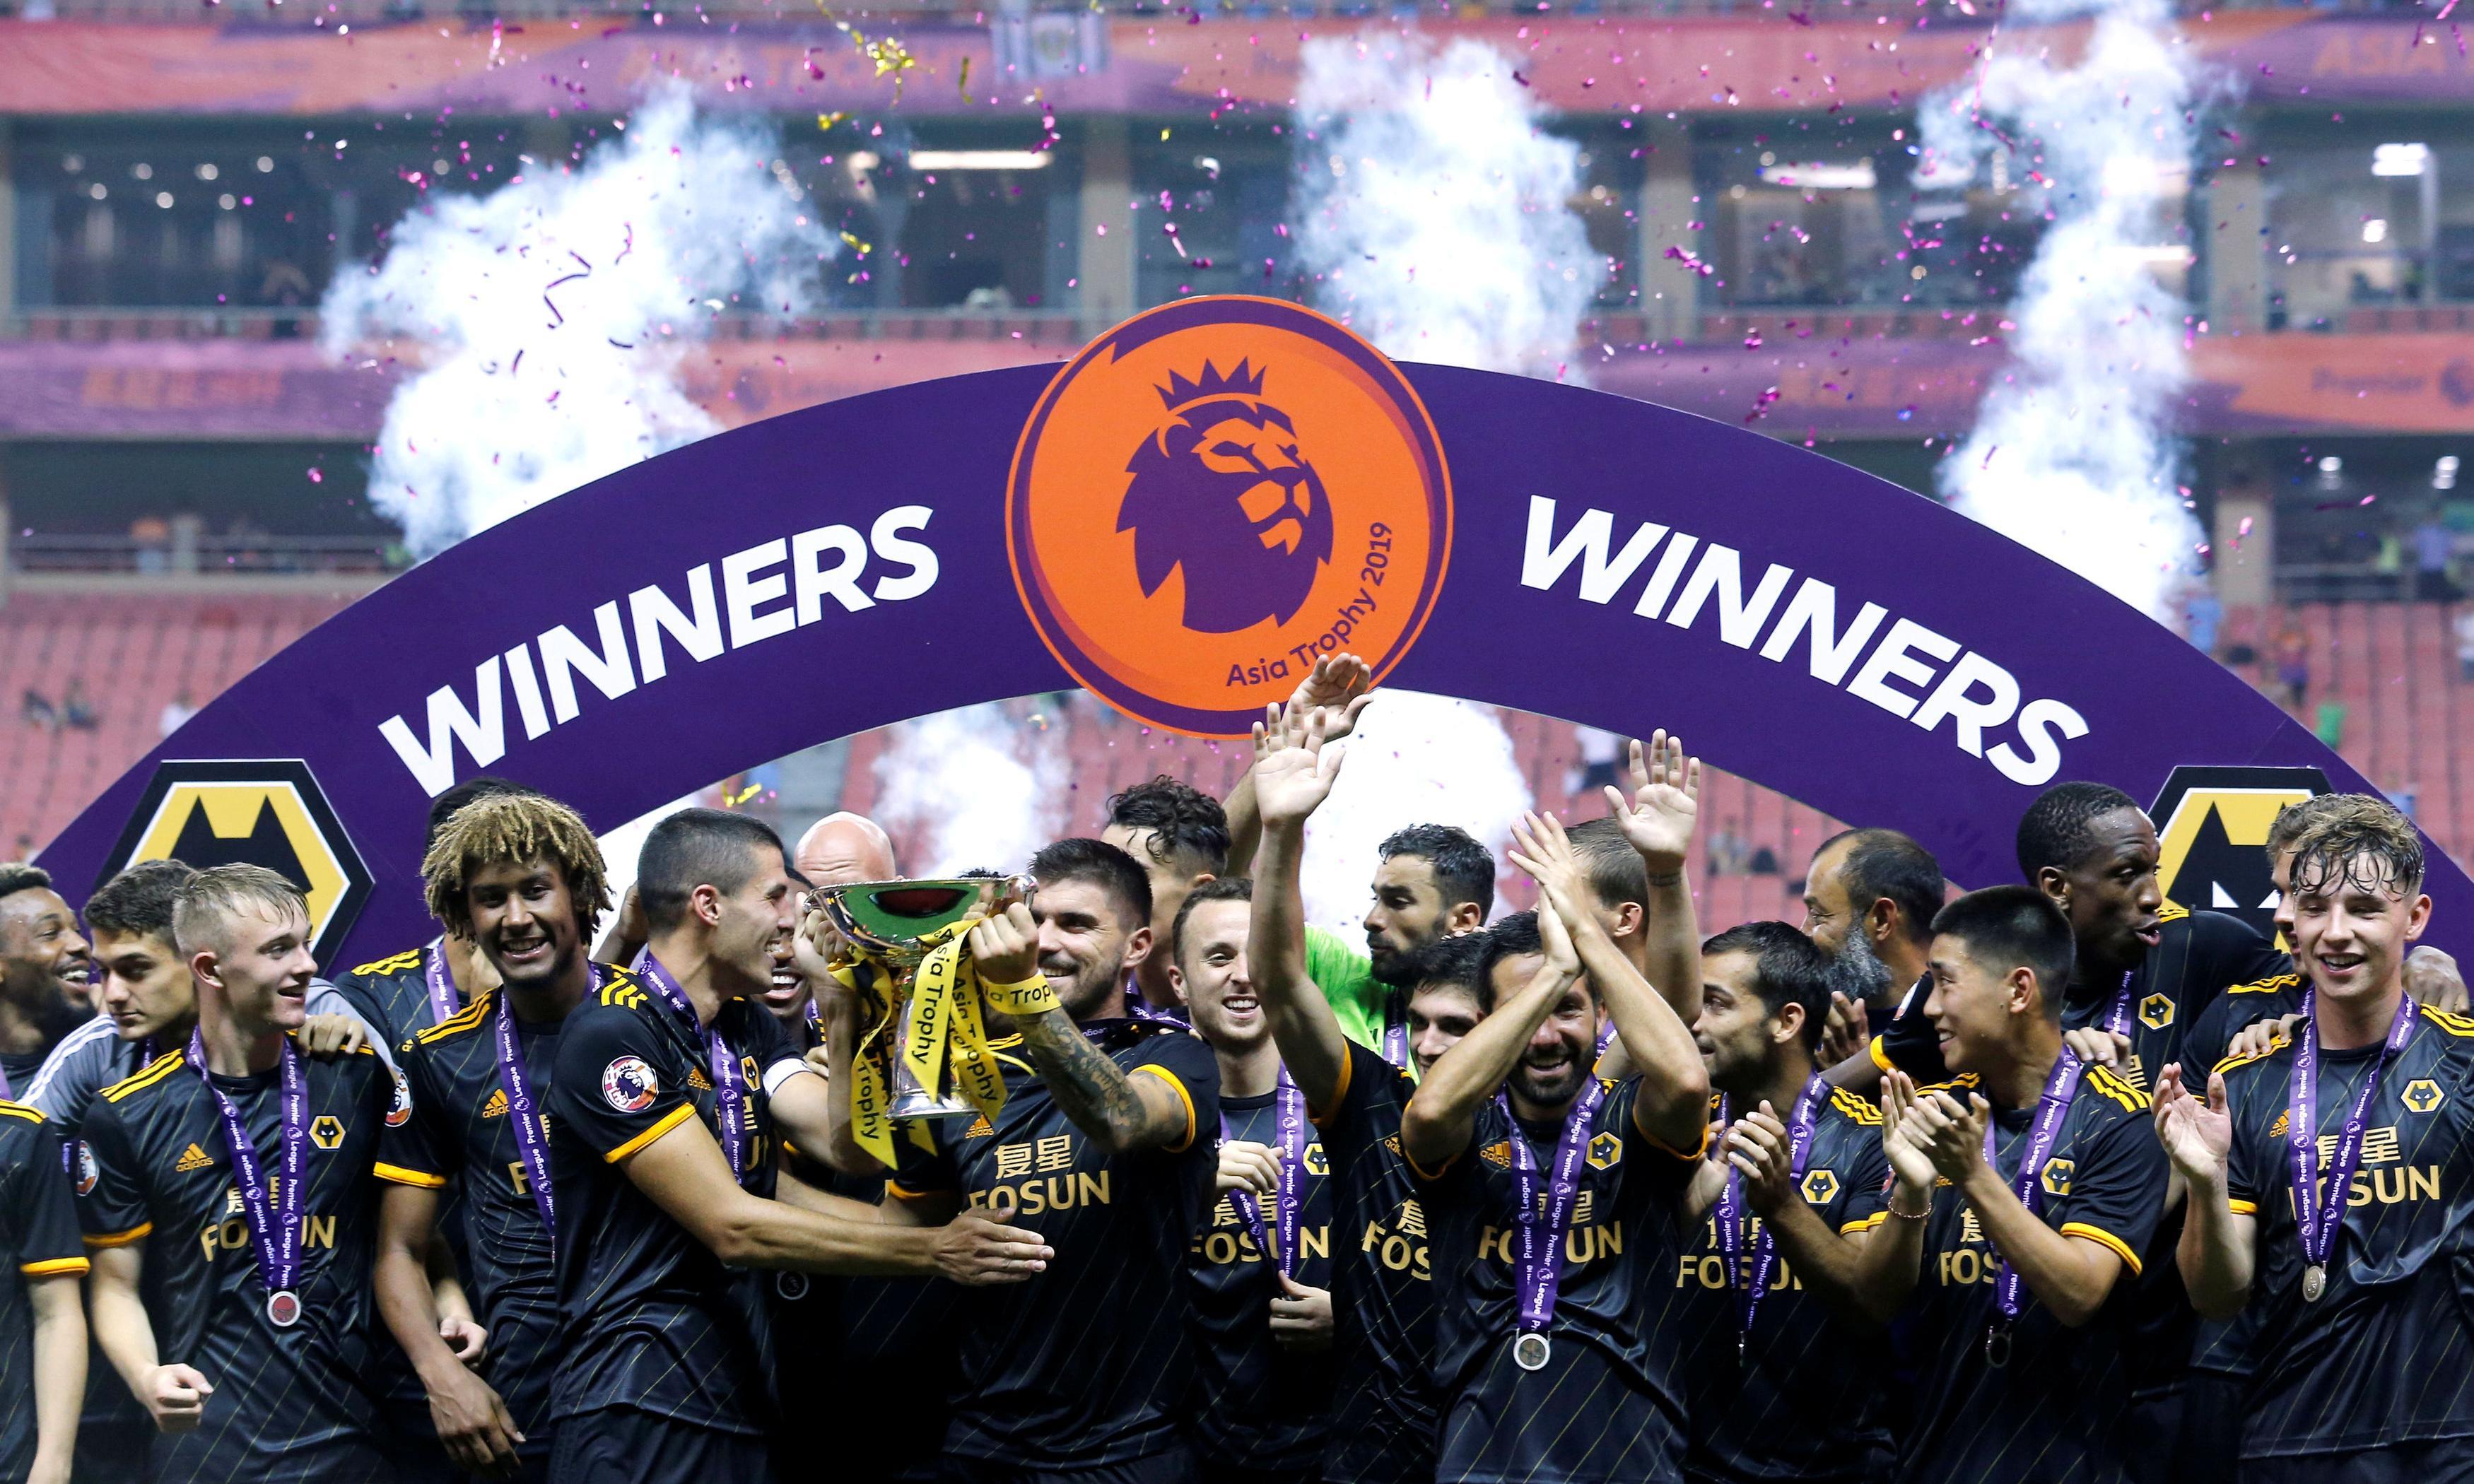 Wolves edge Manchester City in Premier League Asia Trophy shootout